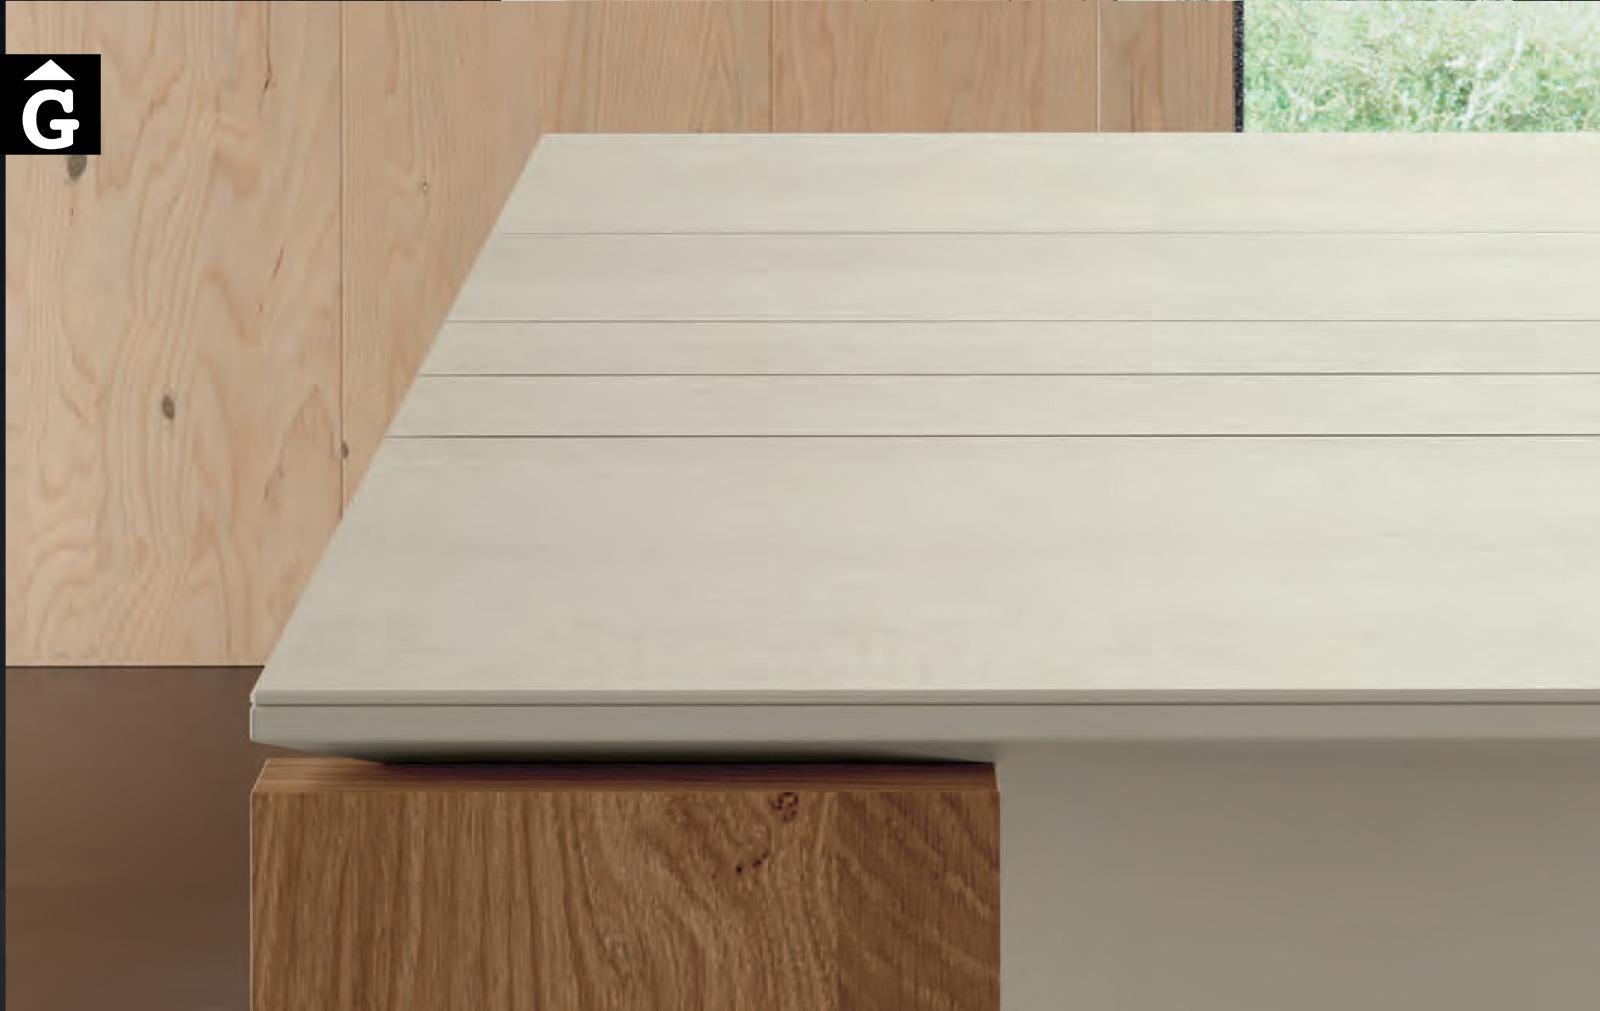 Taula menjador Tavole | Detall sobre porcellànic | Moble de Qualitat | Vive | mobles Gifreu